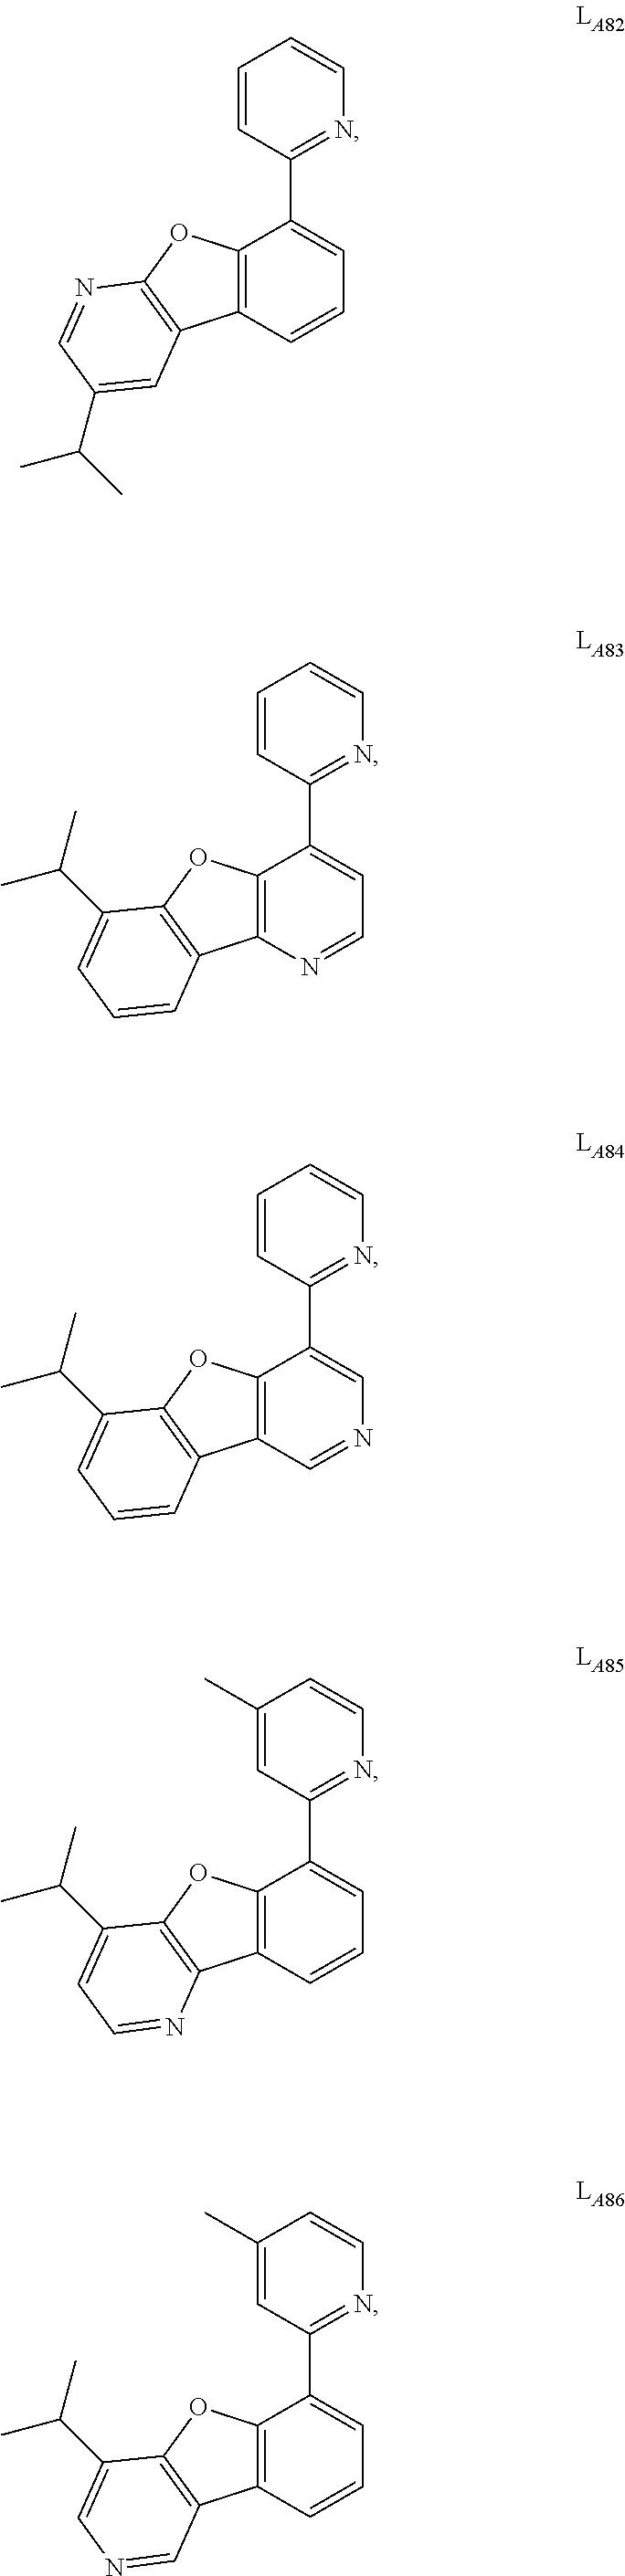 Figure US09634264-20170425-C00068